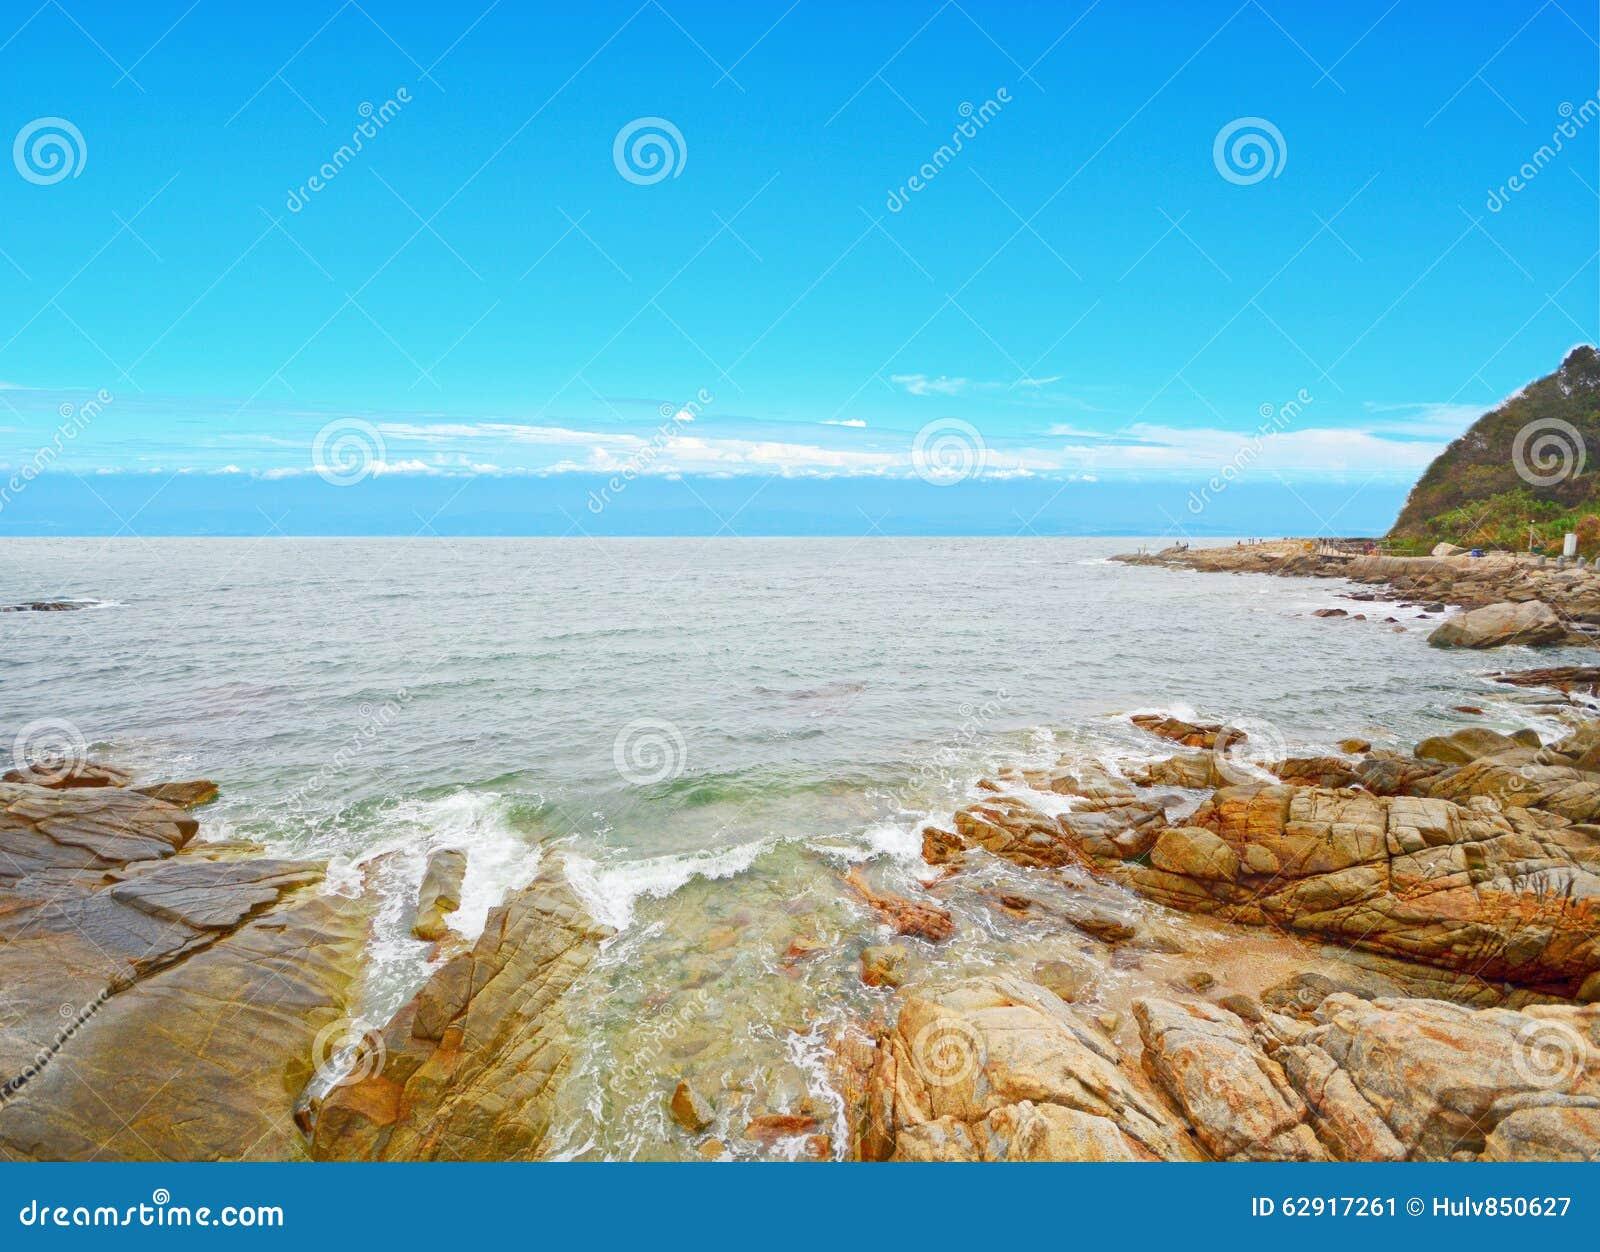 海滩海洋海滩图片